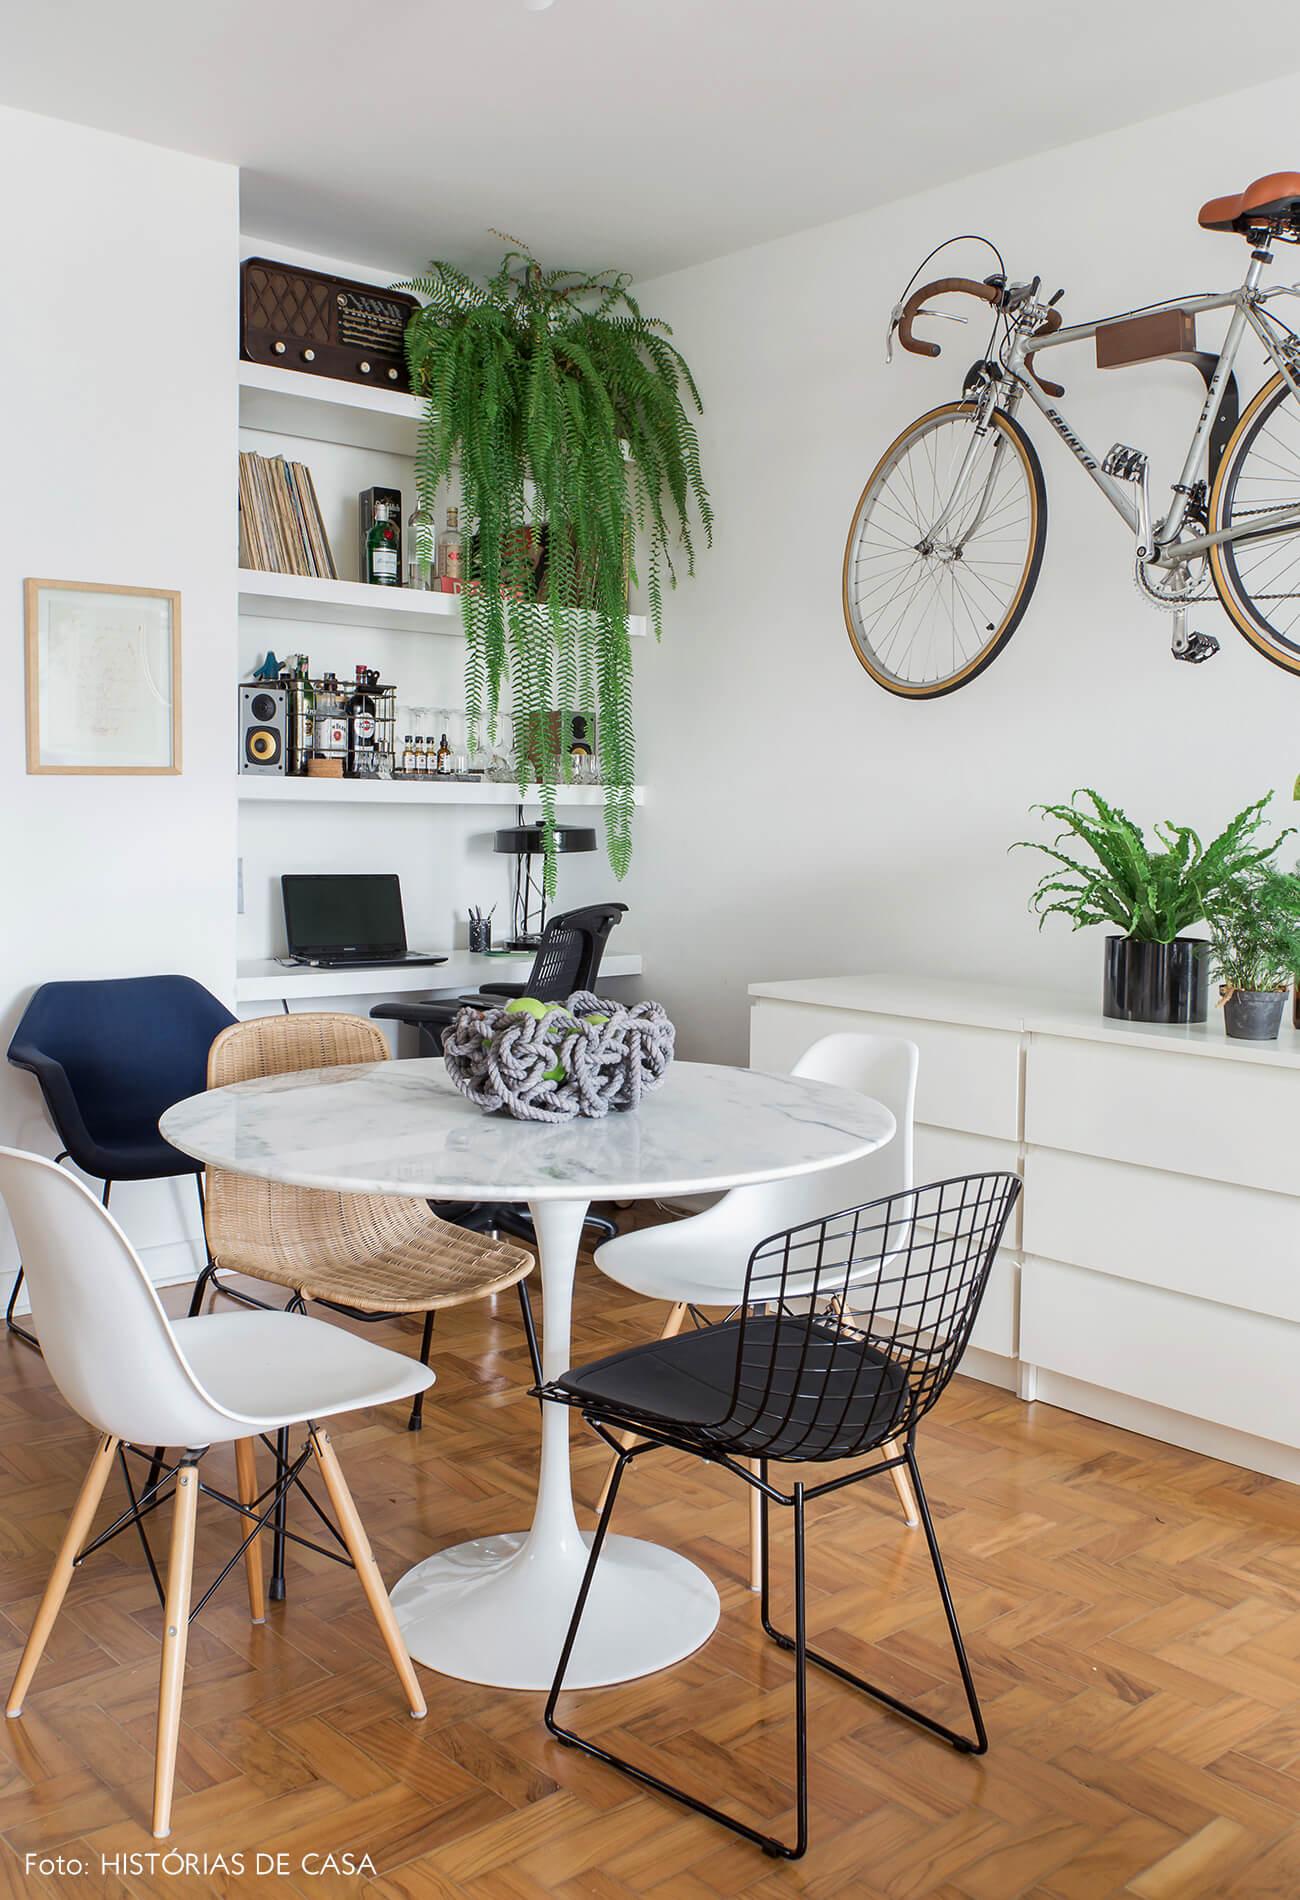 Sala de jantar com mesa tulipa redonda e suporte de bicicleta na parede